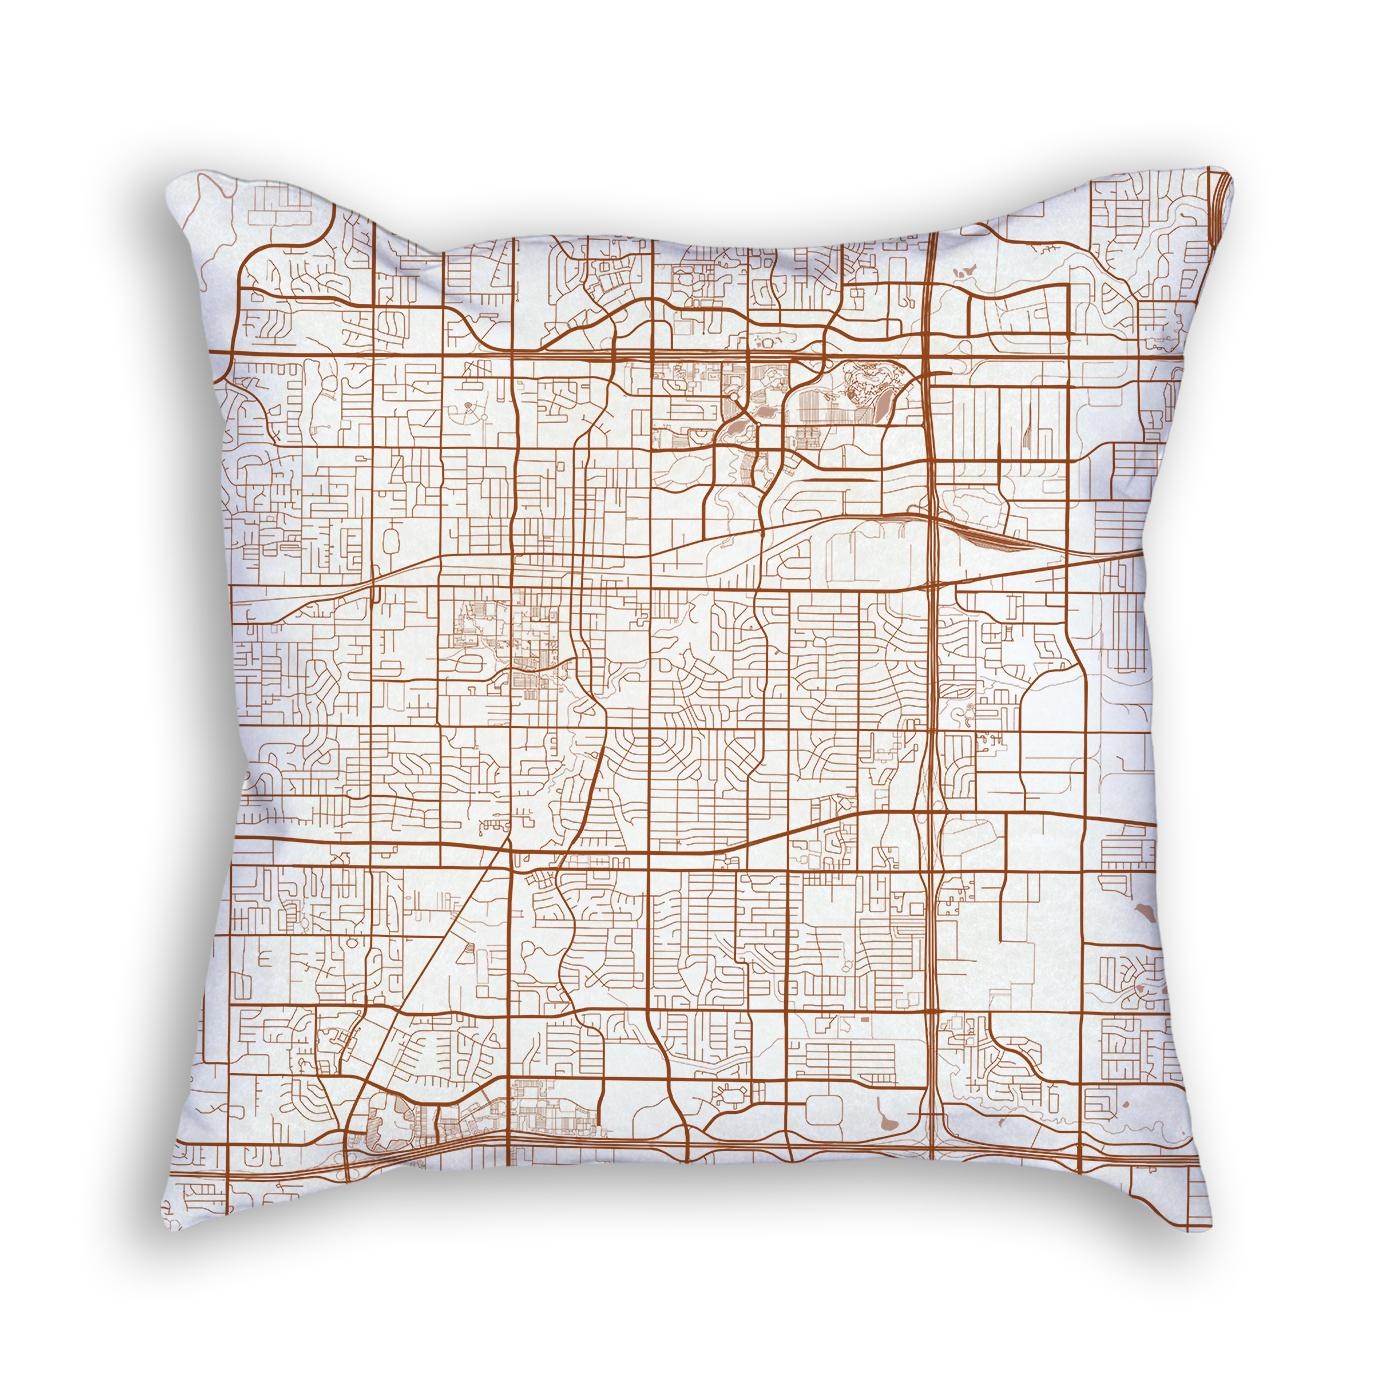 Arlington Texas Throw Pillow – City Map Decor - Texas Map Pillow